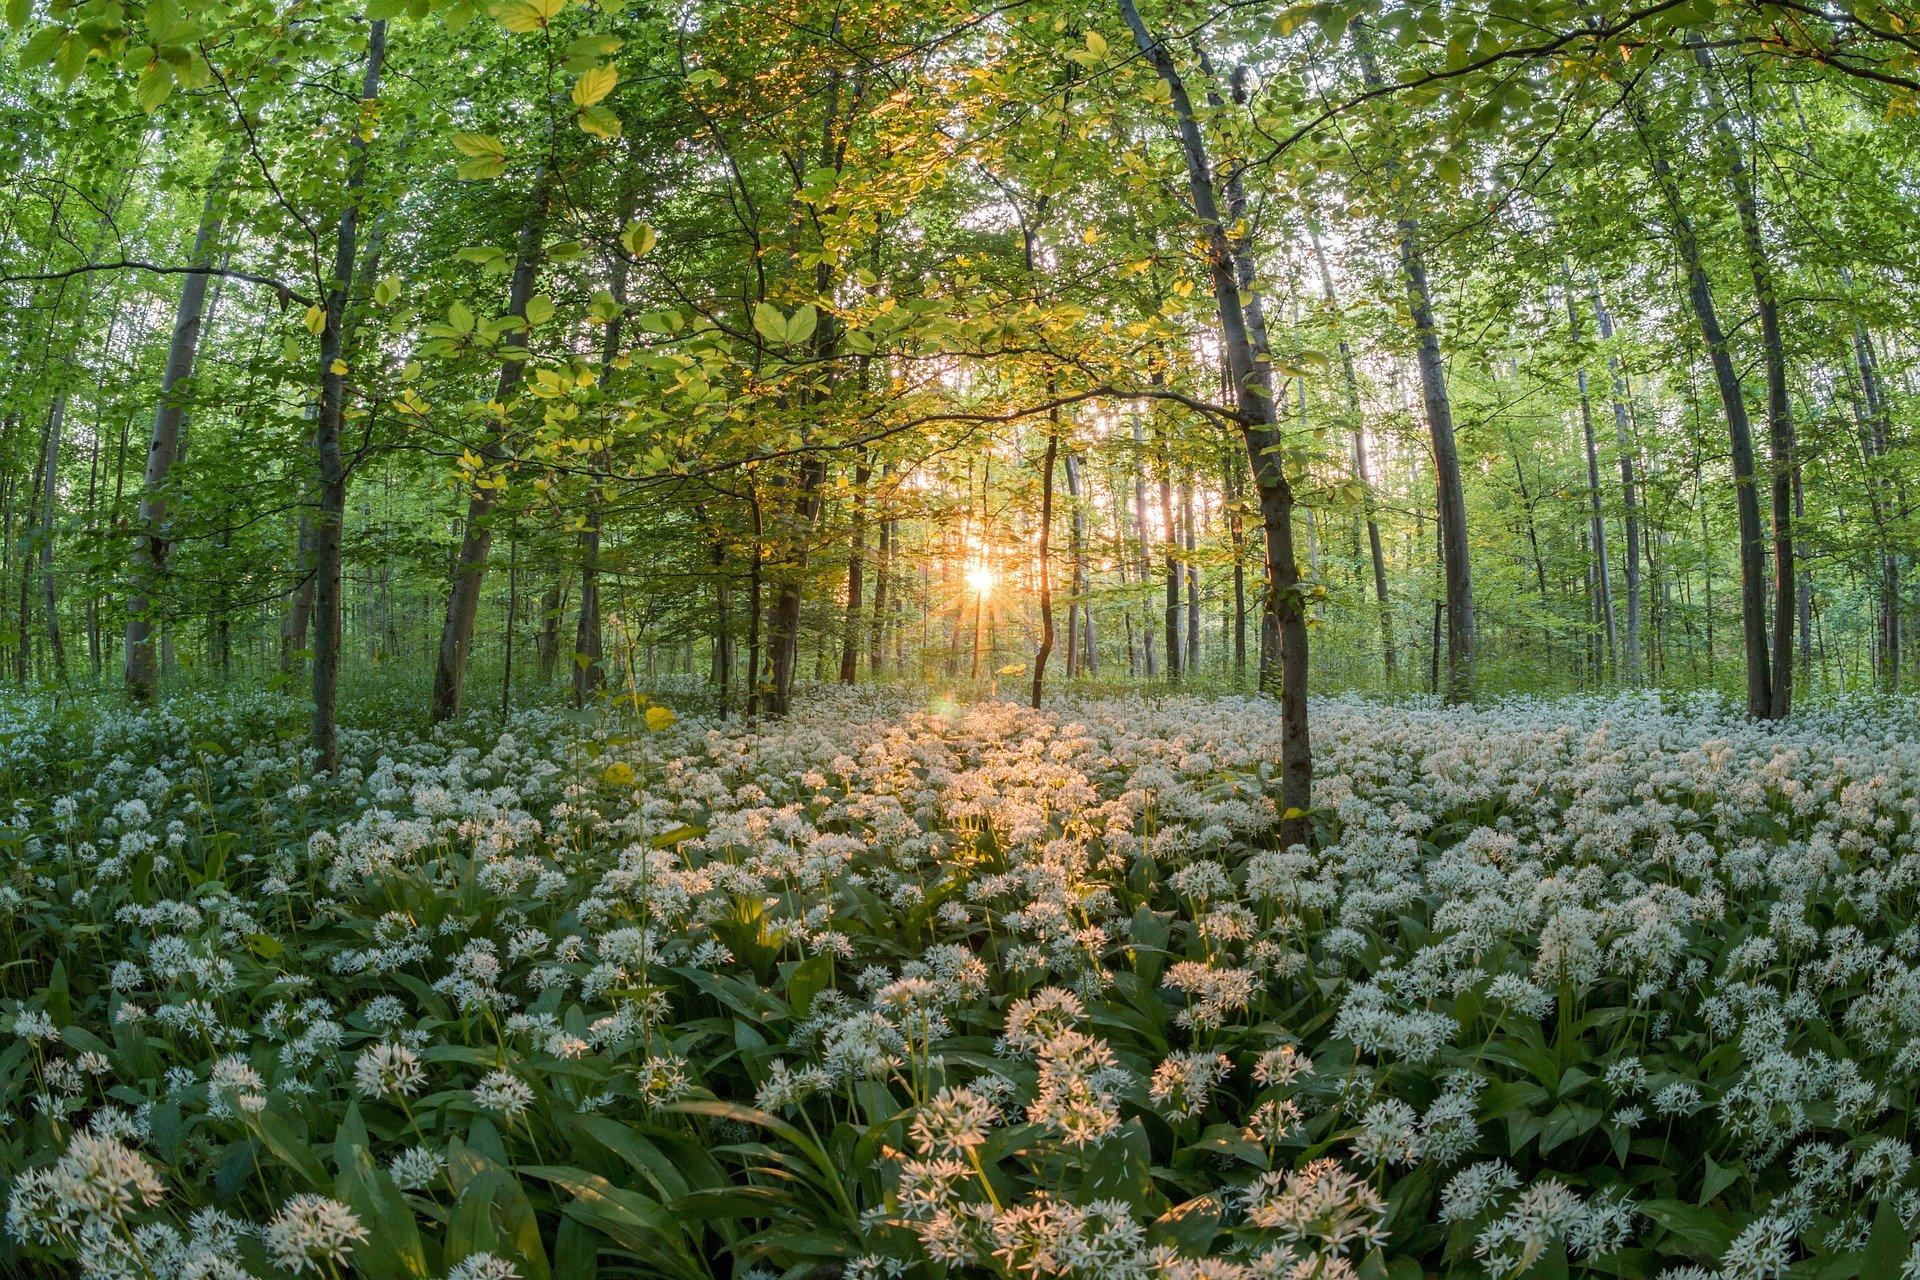 ウィーンの森の散歩道を観光!ベートーベンゆかりの地!おすすめスポット!